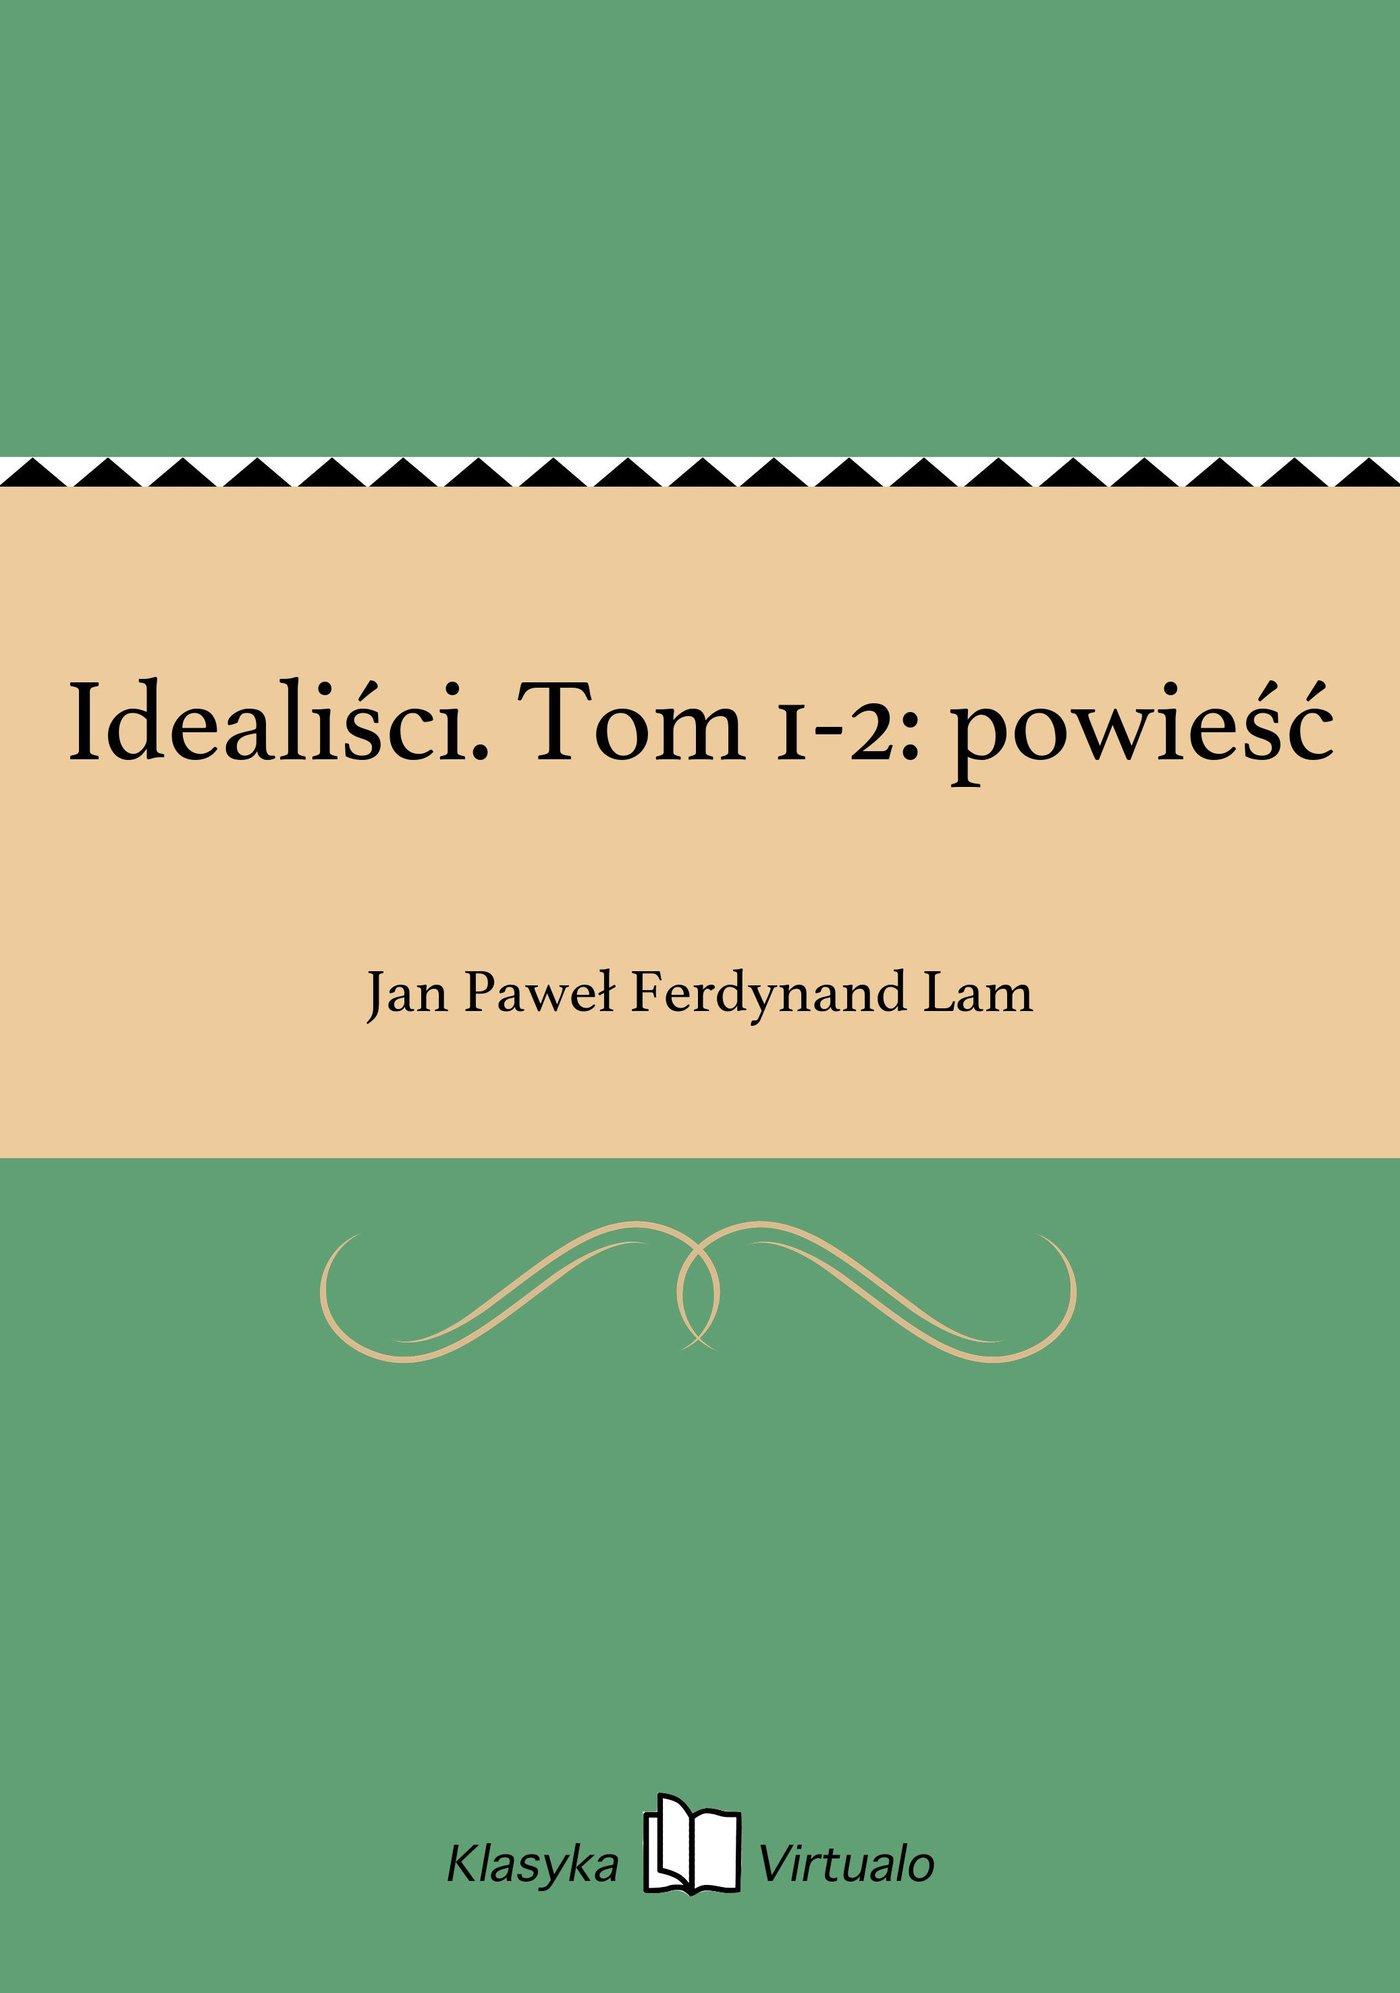 Idealiści. Tom 1-2: powieść - Ebook (Książka na Kindle) do pobrania w formacie MOBI